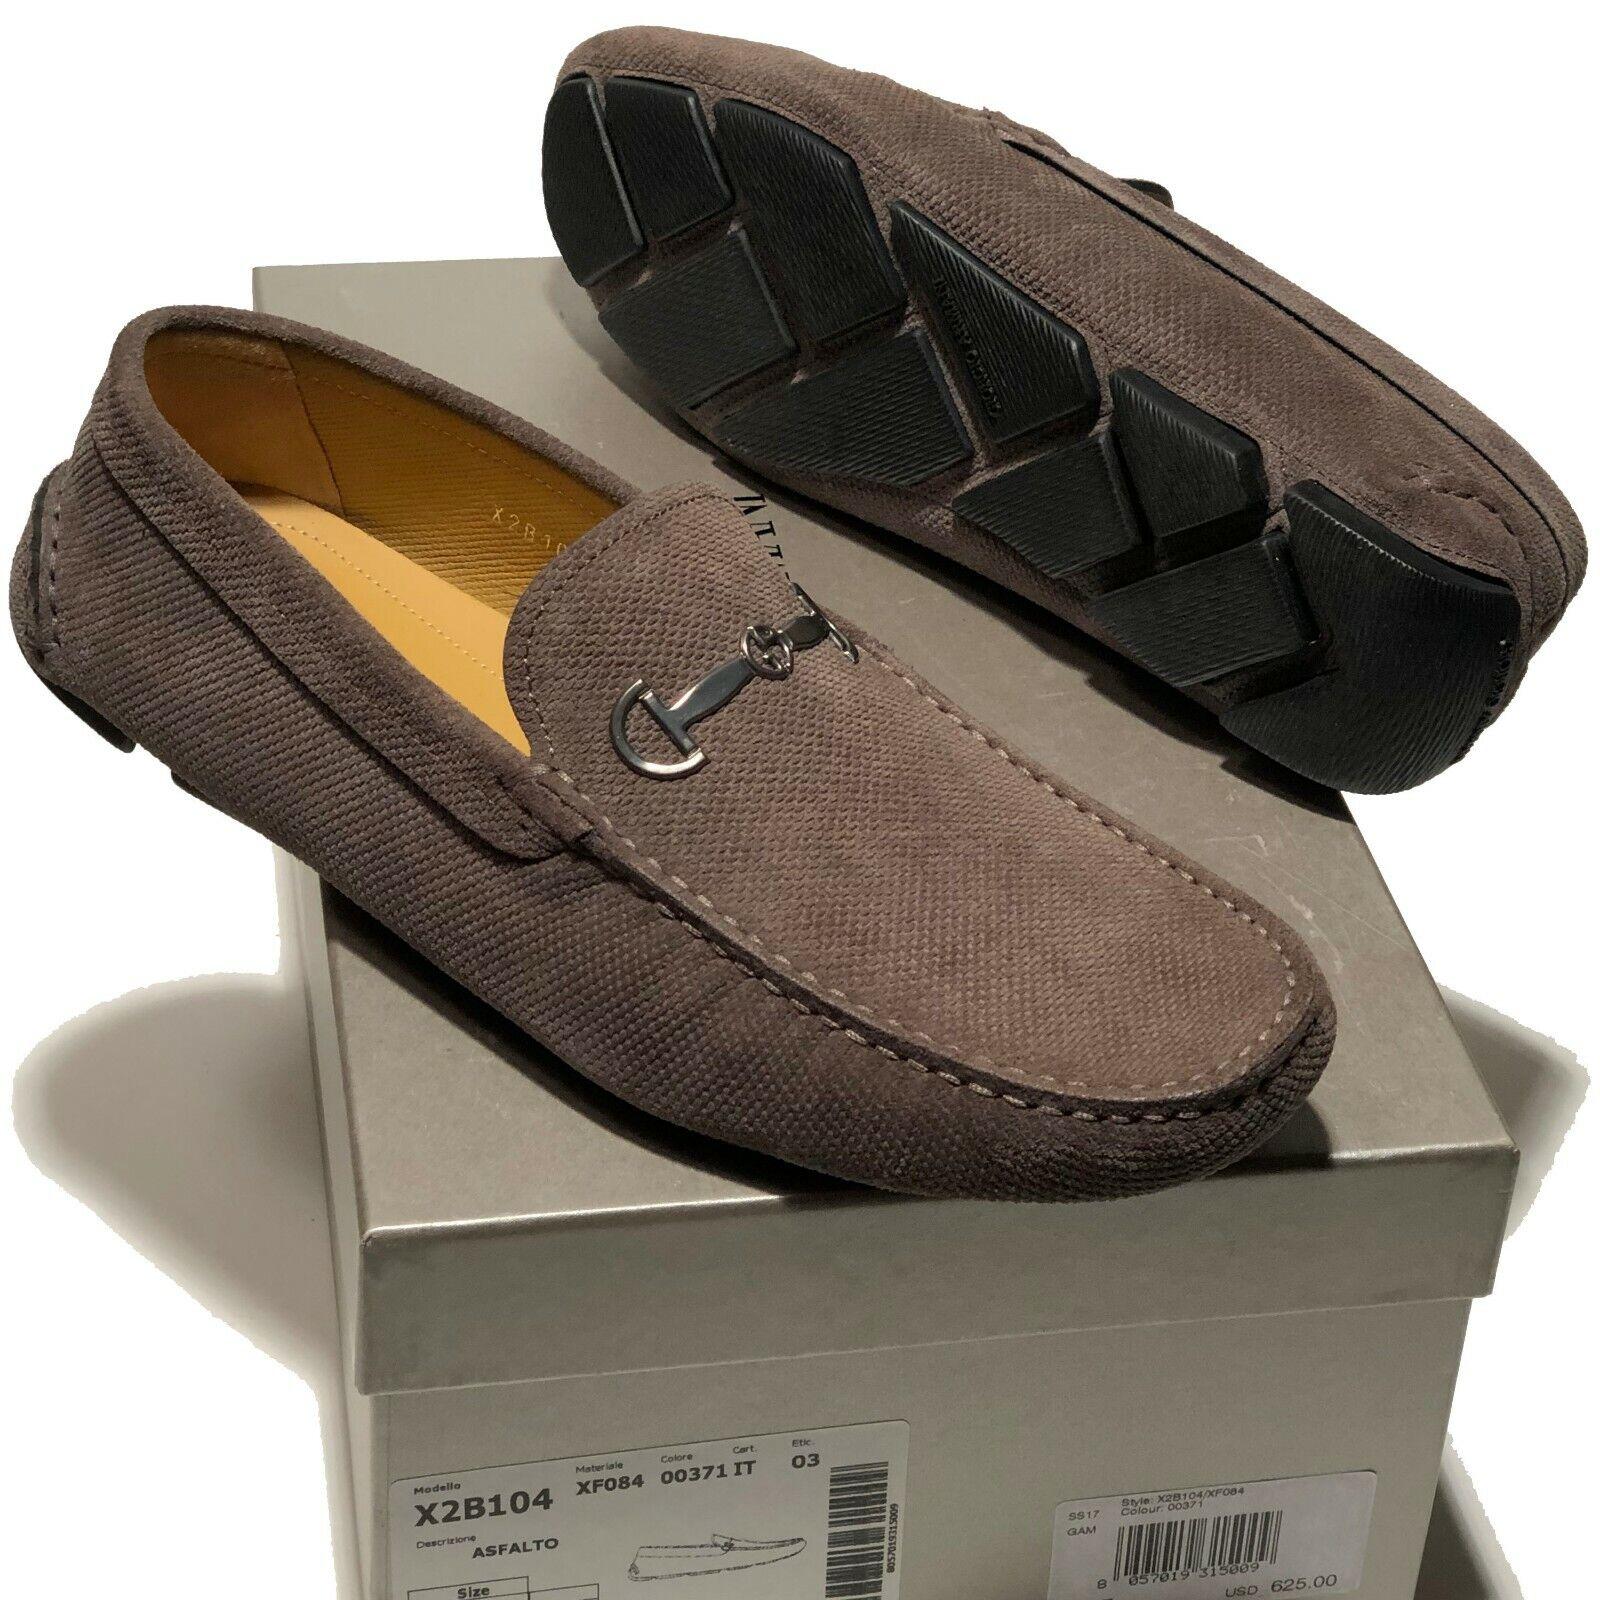 ARhommeI en cuir et daim Bit Mocassins Driver Hommes Marron Chaussures 8 41 marron clair gris